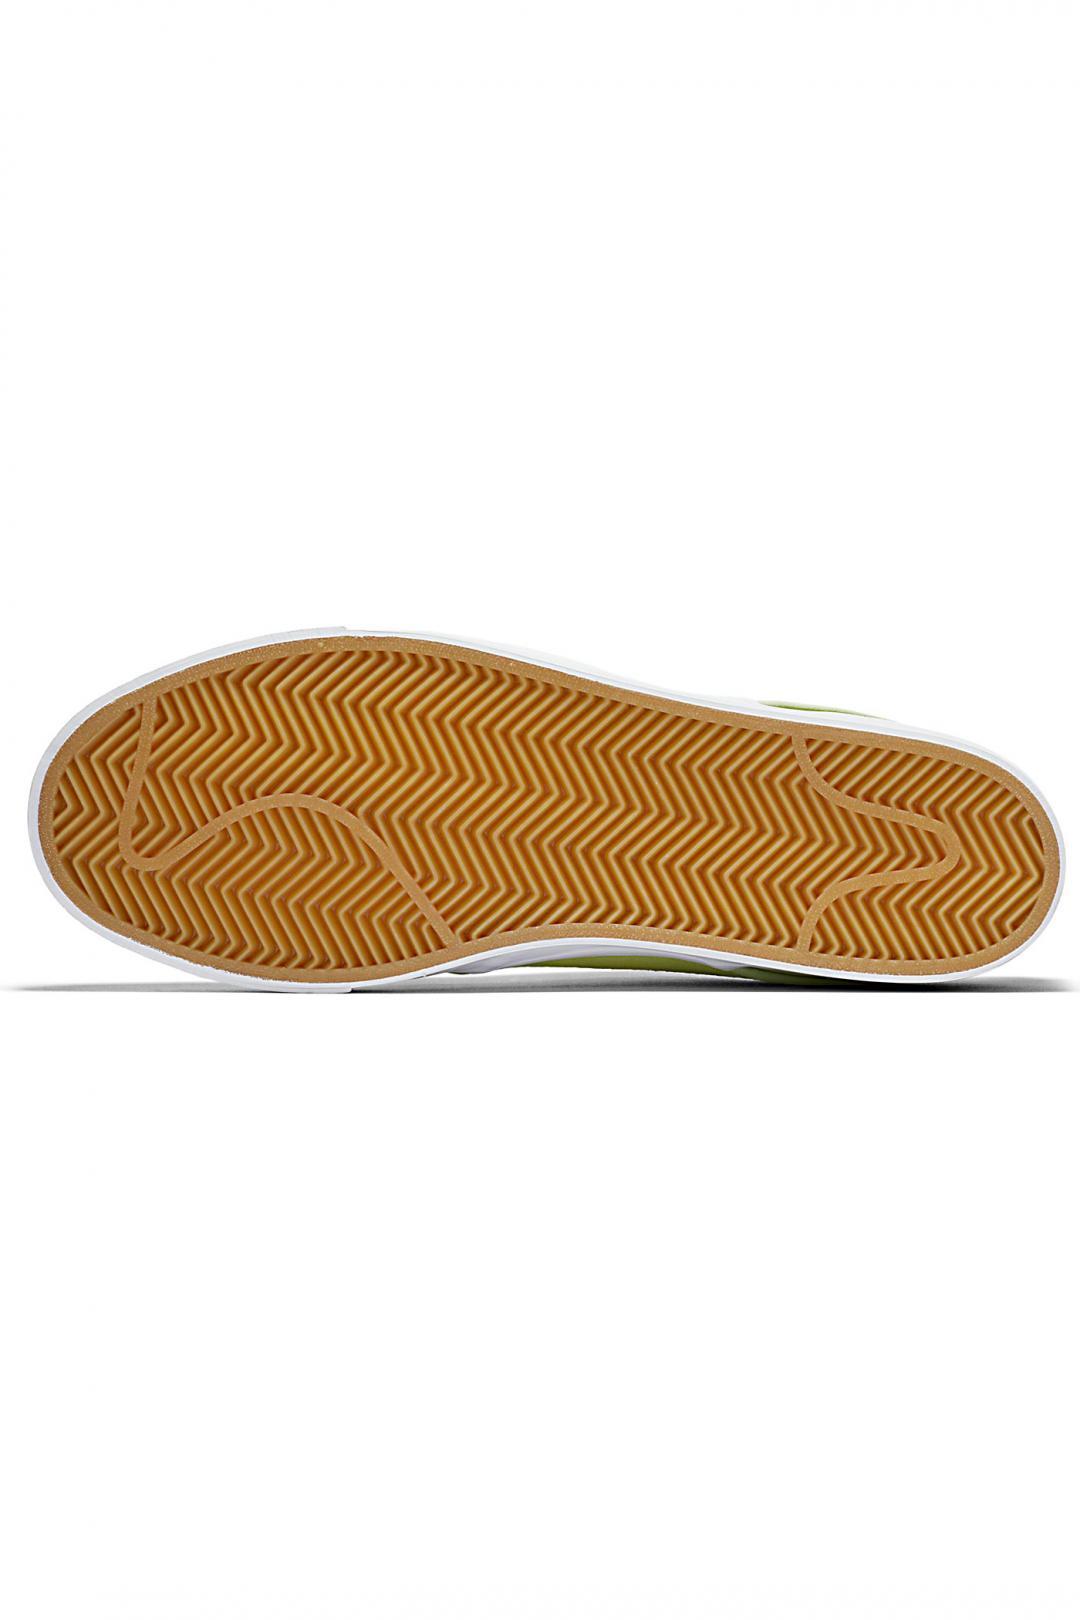 Uomo Nike SB Zoom Stefan Janoski barely volt   Sneaker